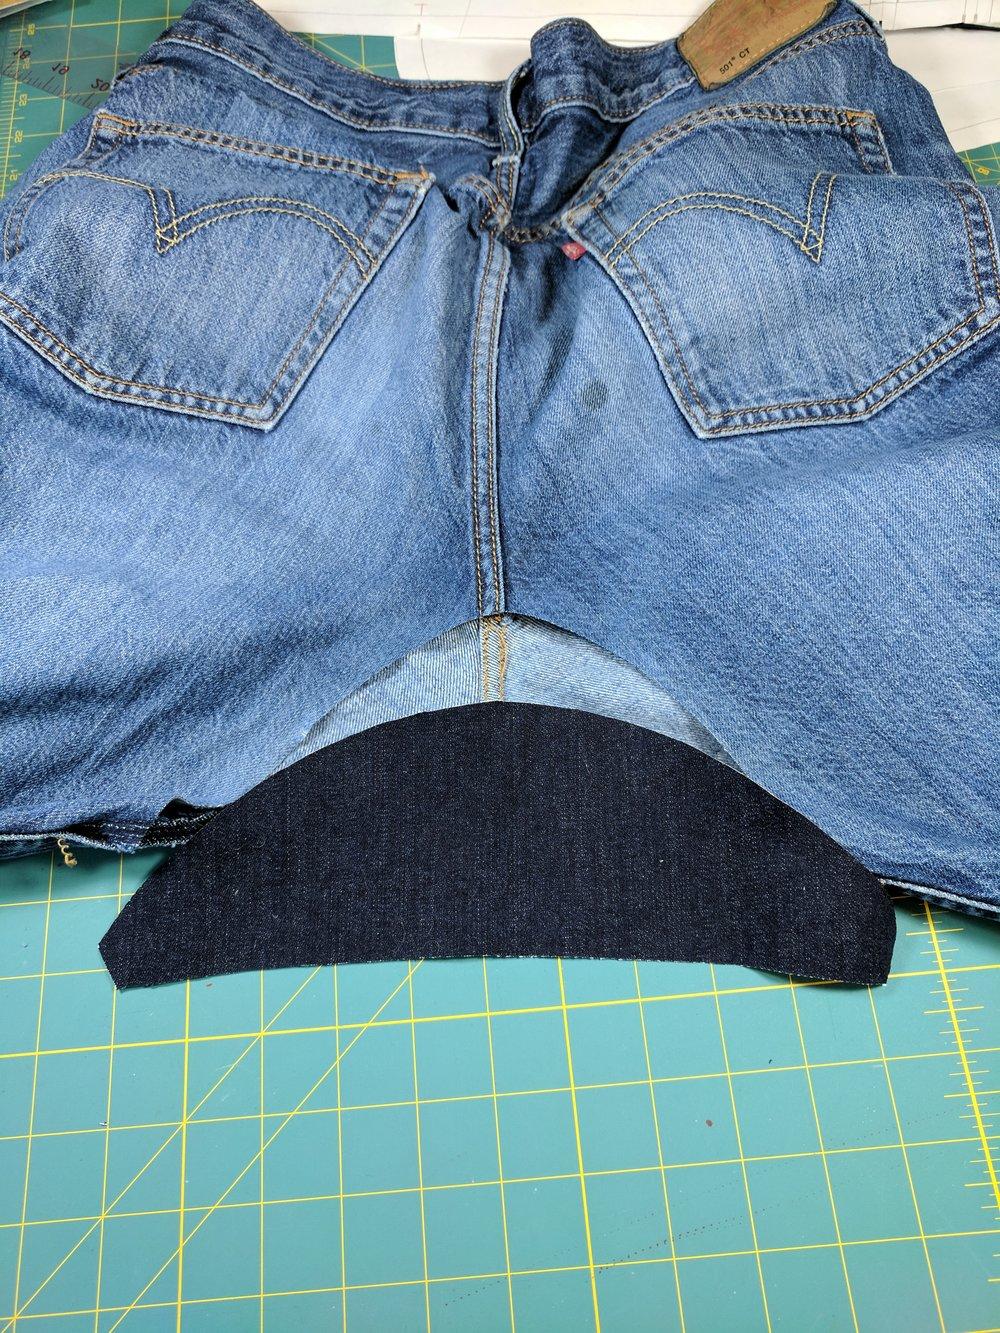 jeans gusset repair